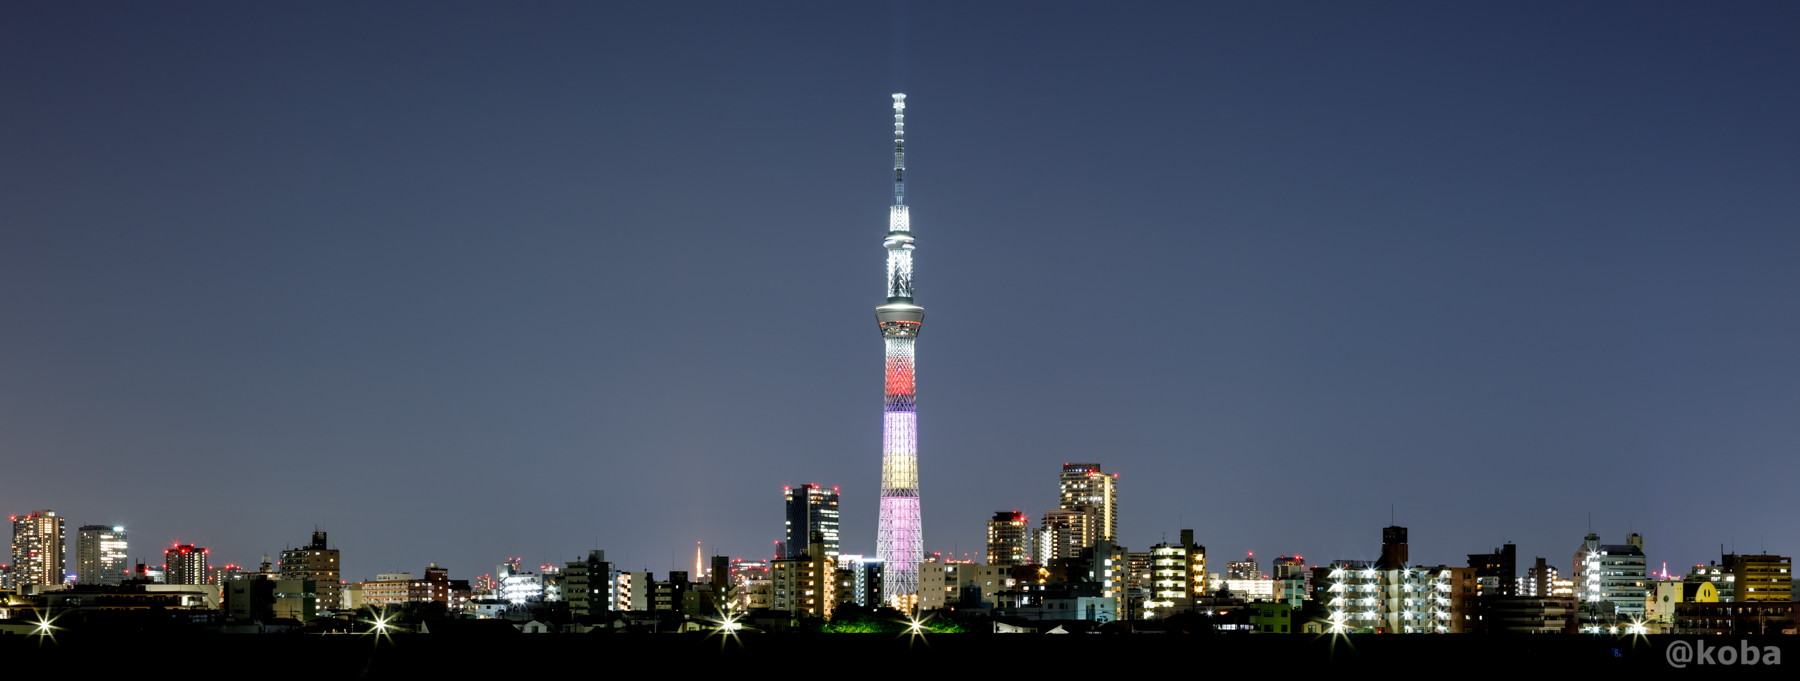 パノラマ写真 東京スカイツリー│ももいろクローバーZ結成10周年記念 特別ライティング│葛飾区 四ツ木│こばフォトブログ│@koba